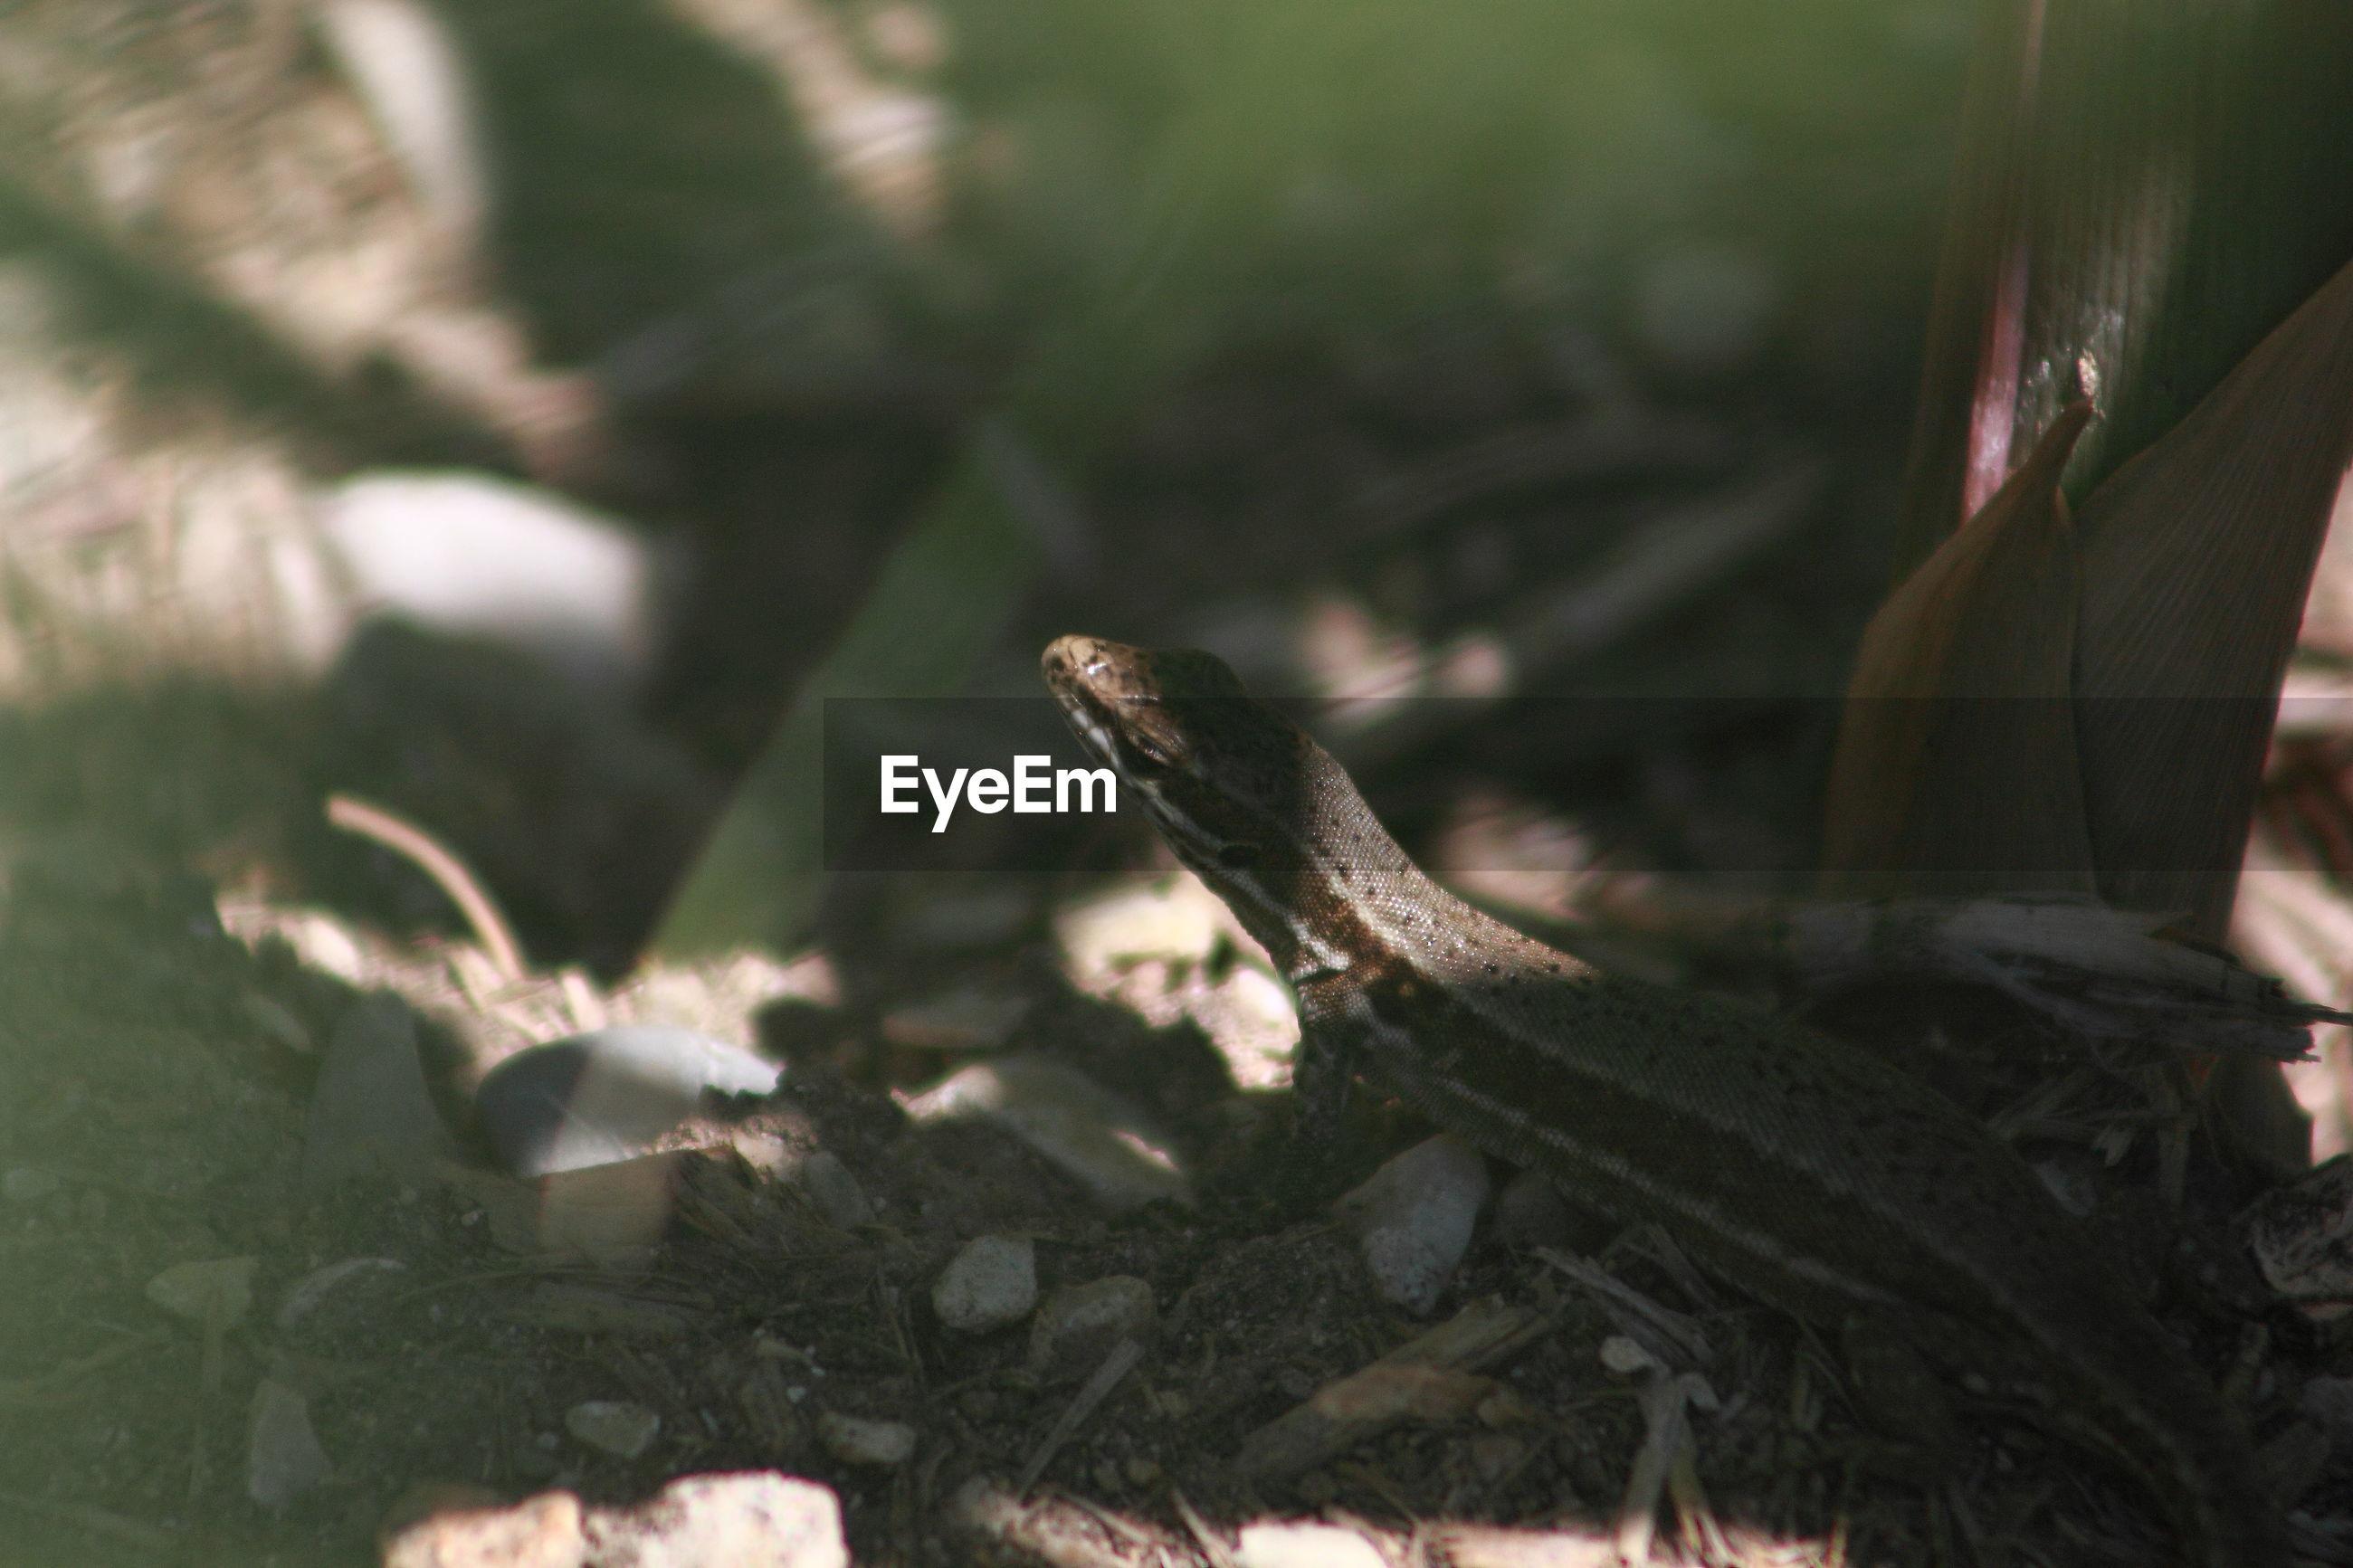 High angle view of snake